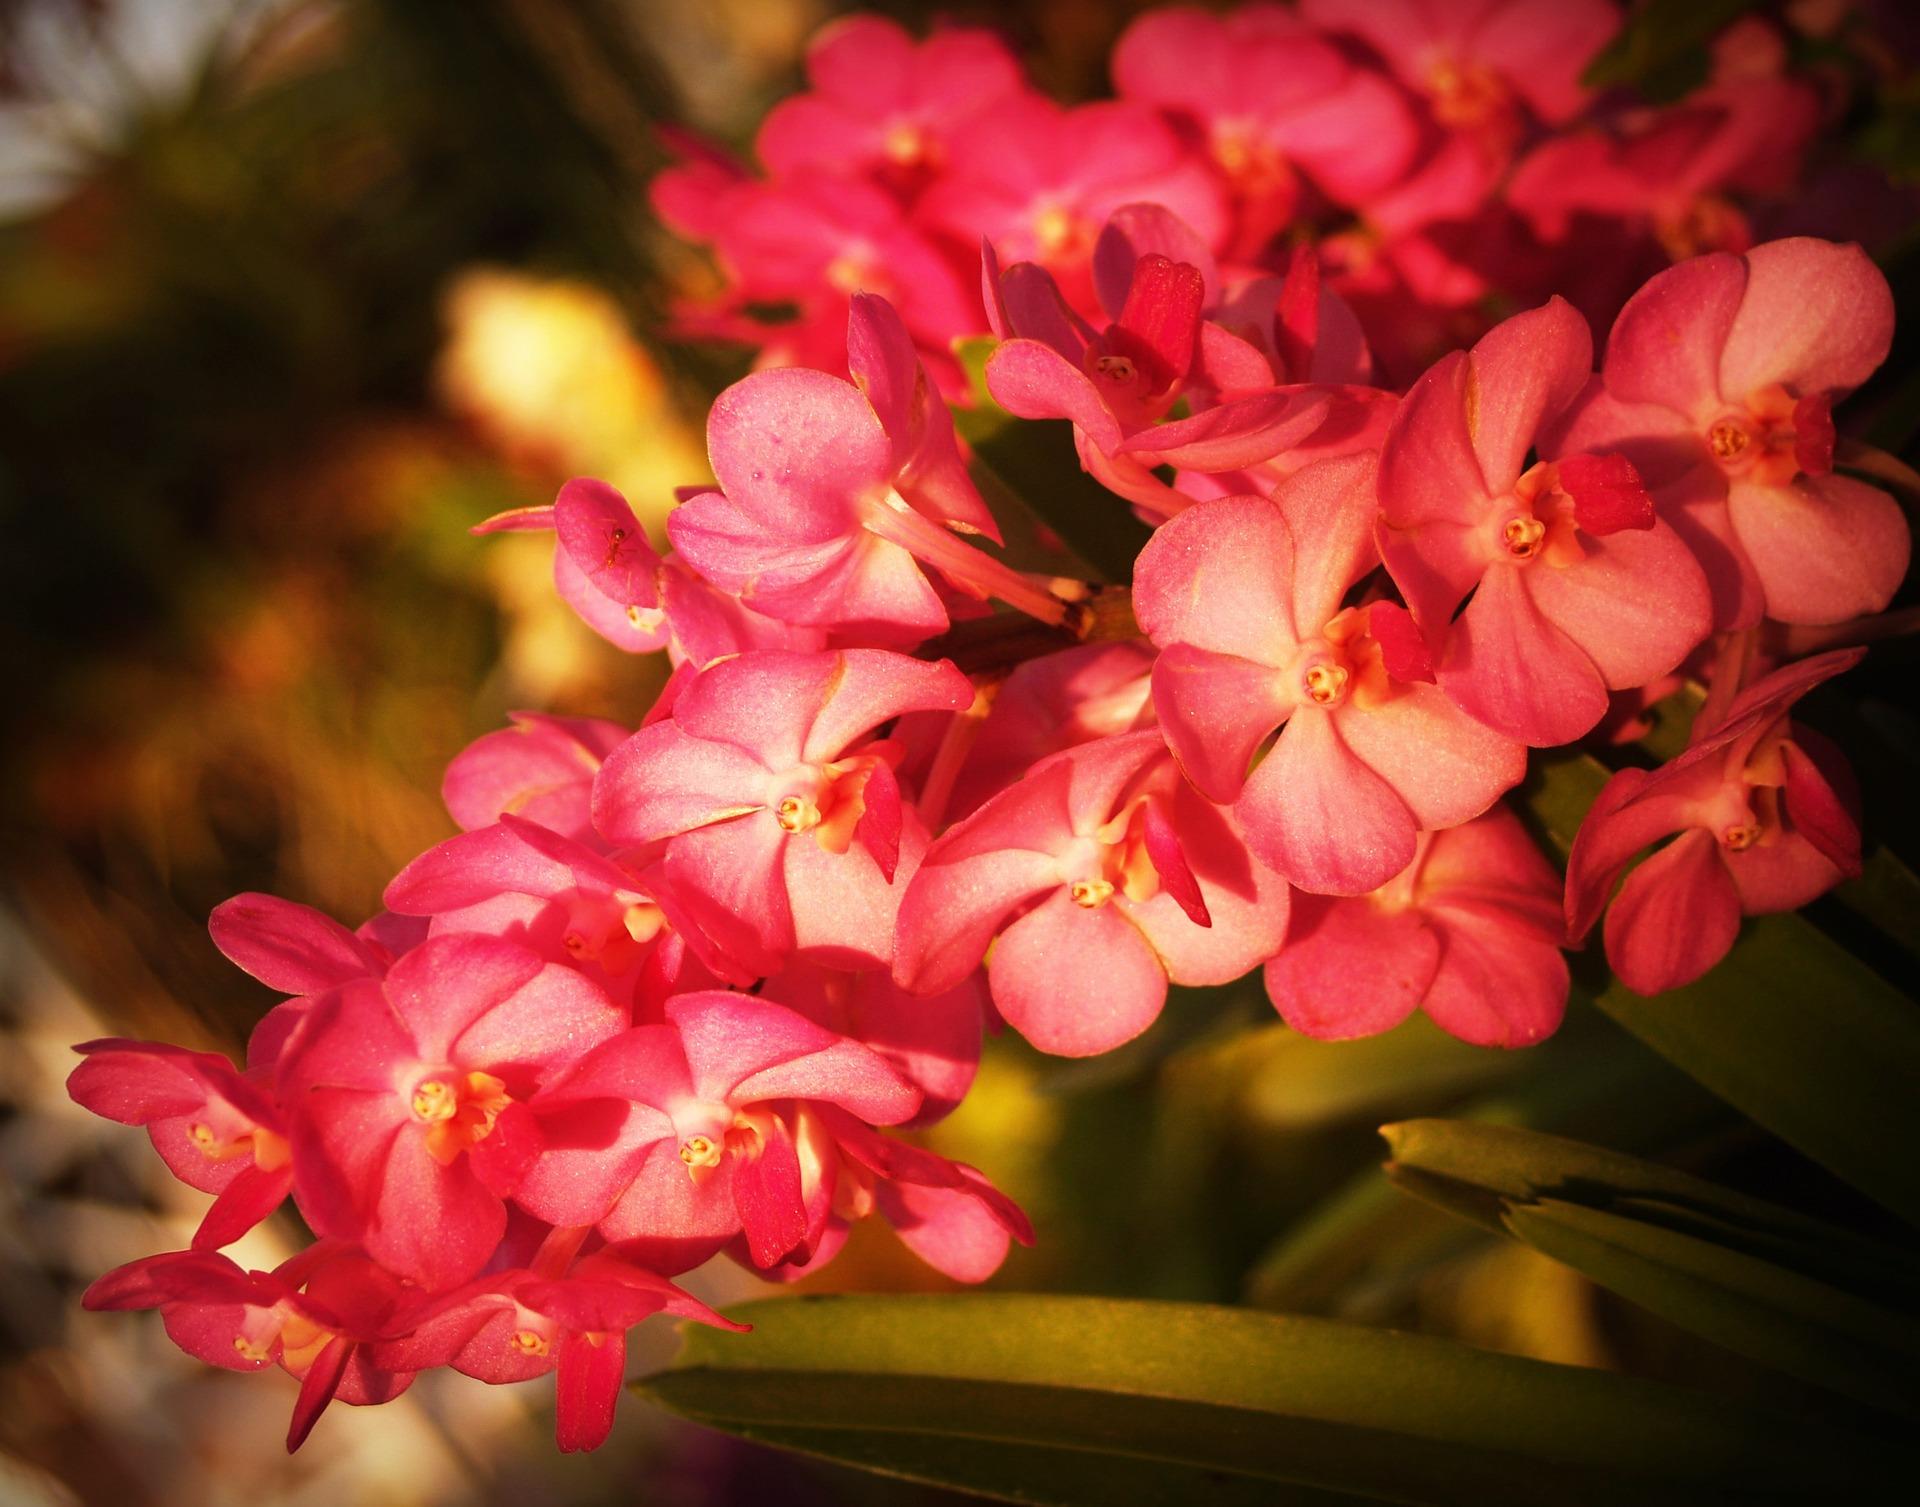 flower-1550887_1920